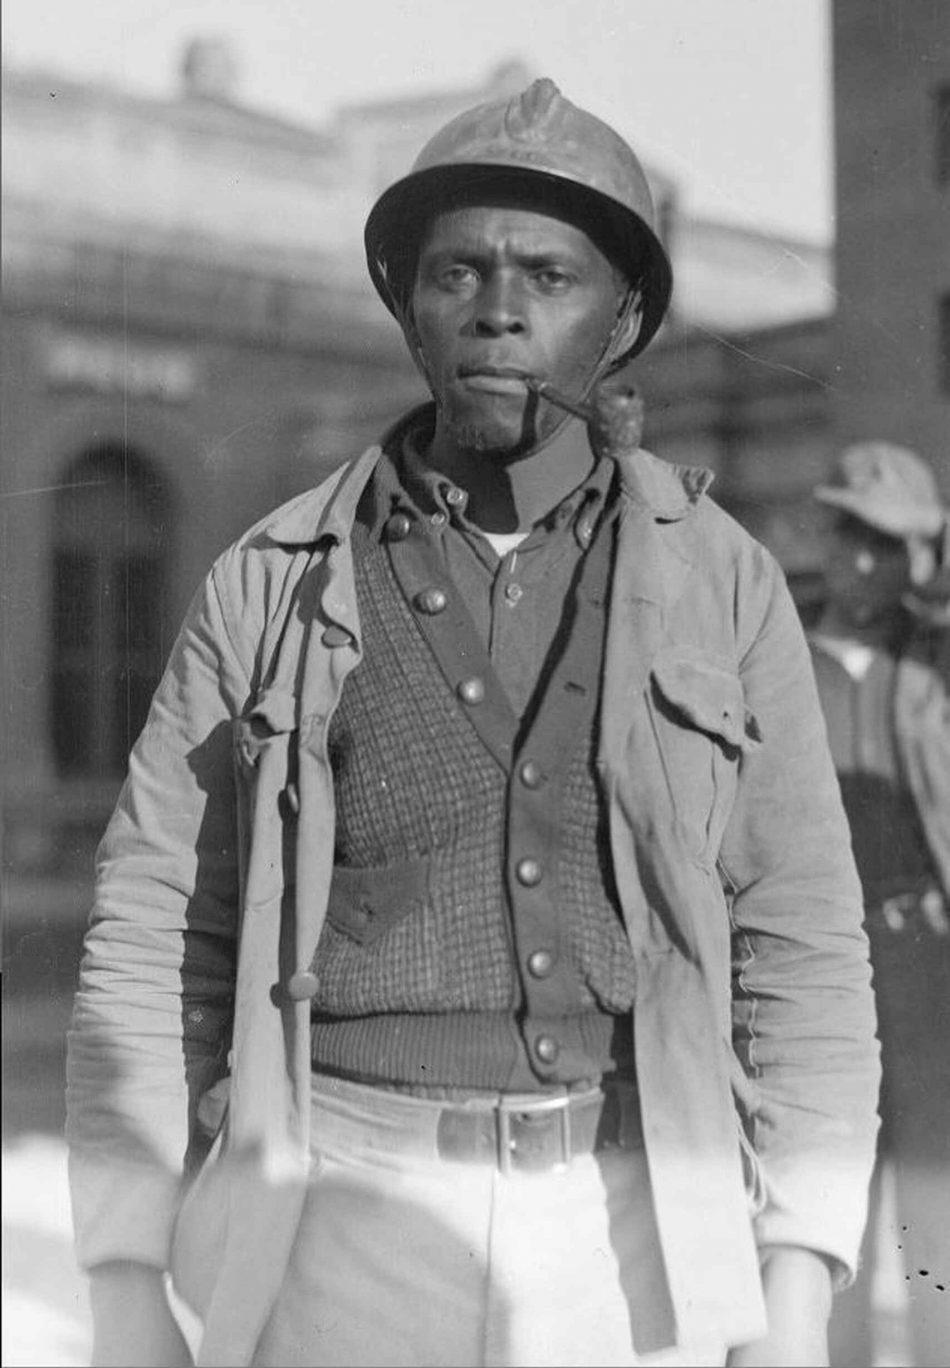 La guerra invisible: moros, afroamericanos y gitanos en la Guerra Civil